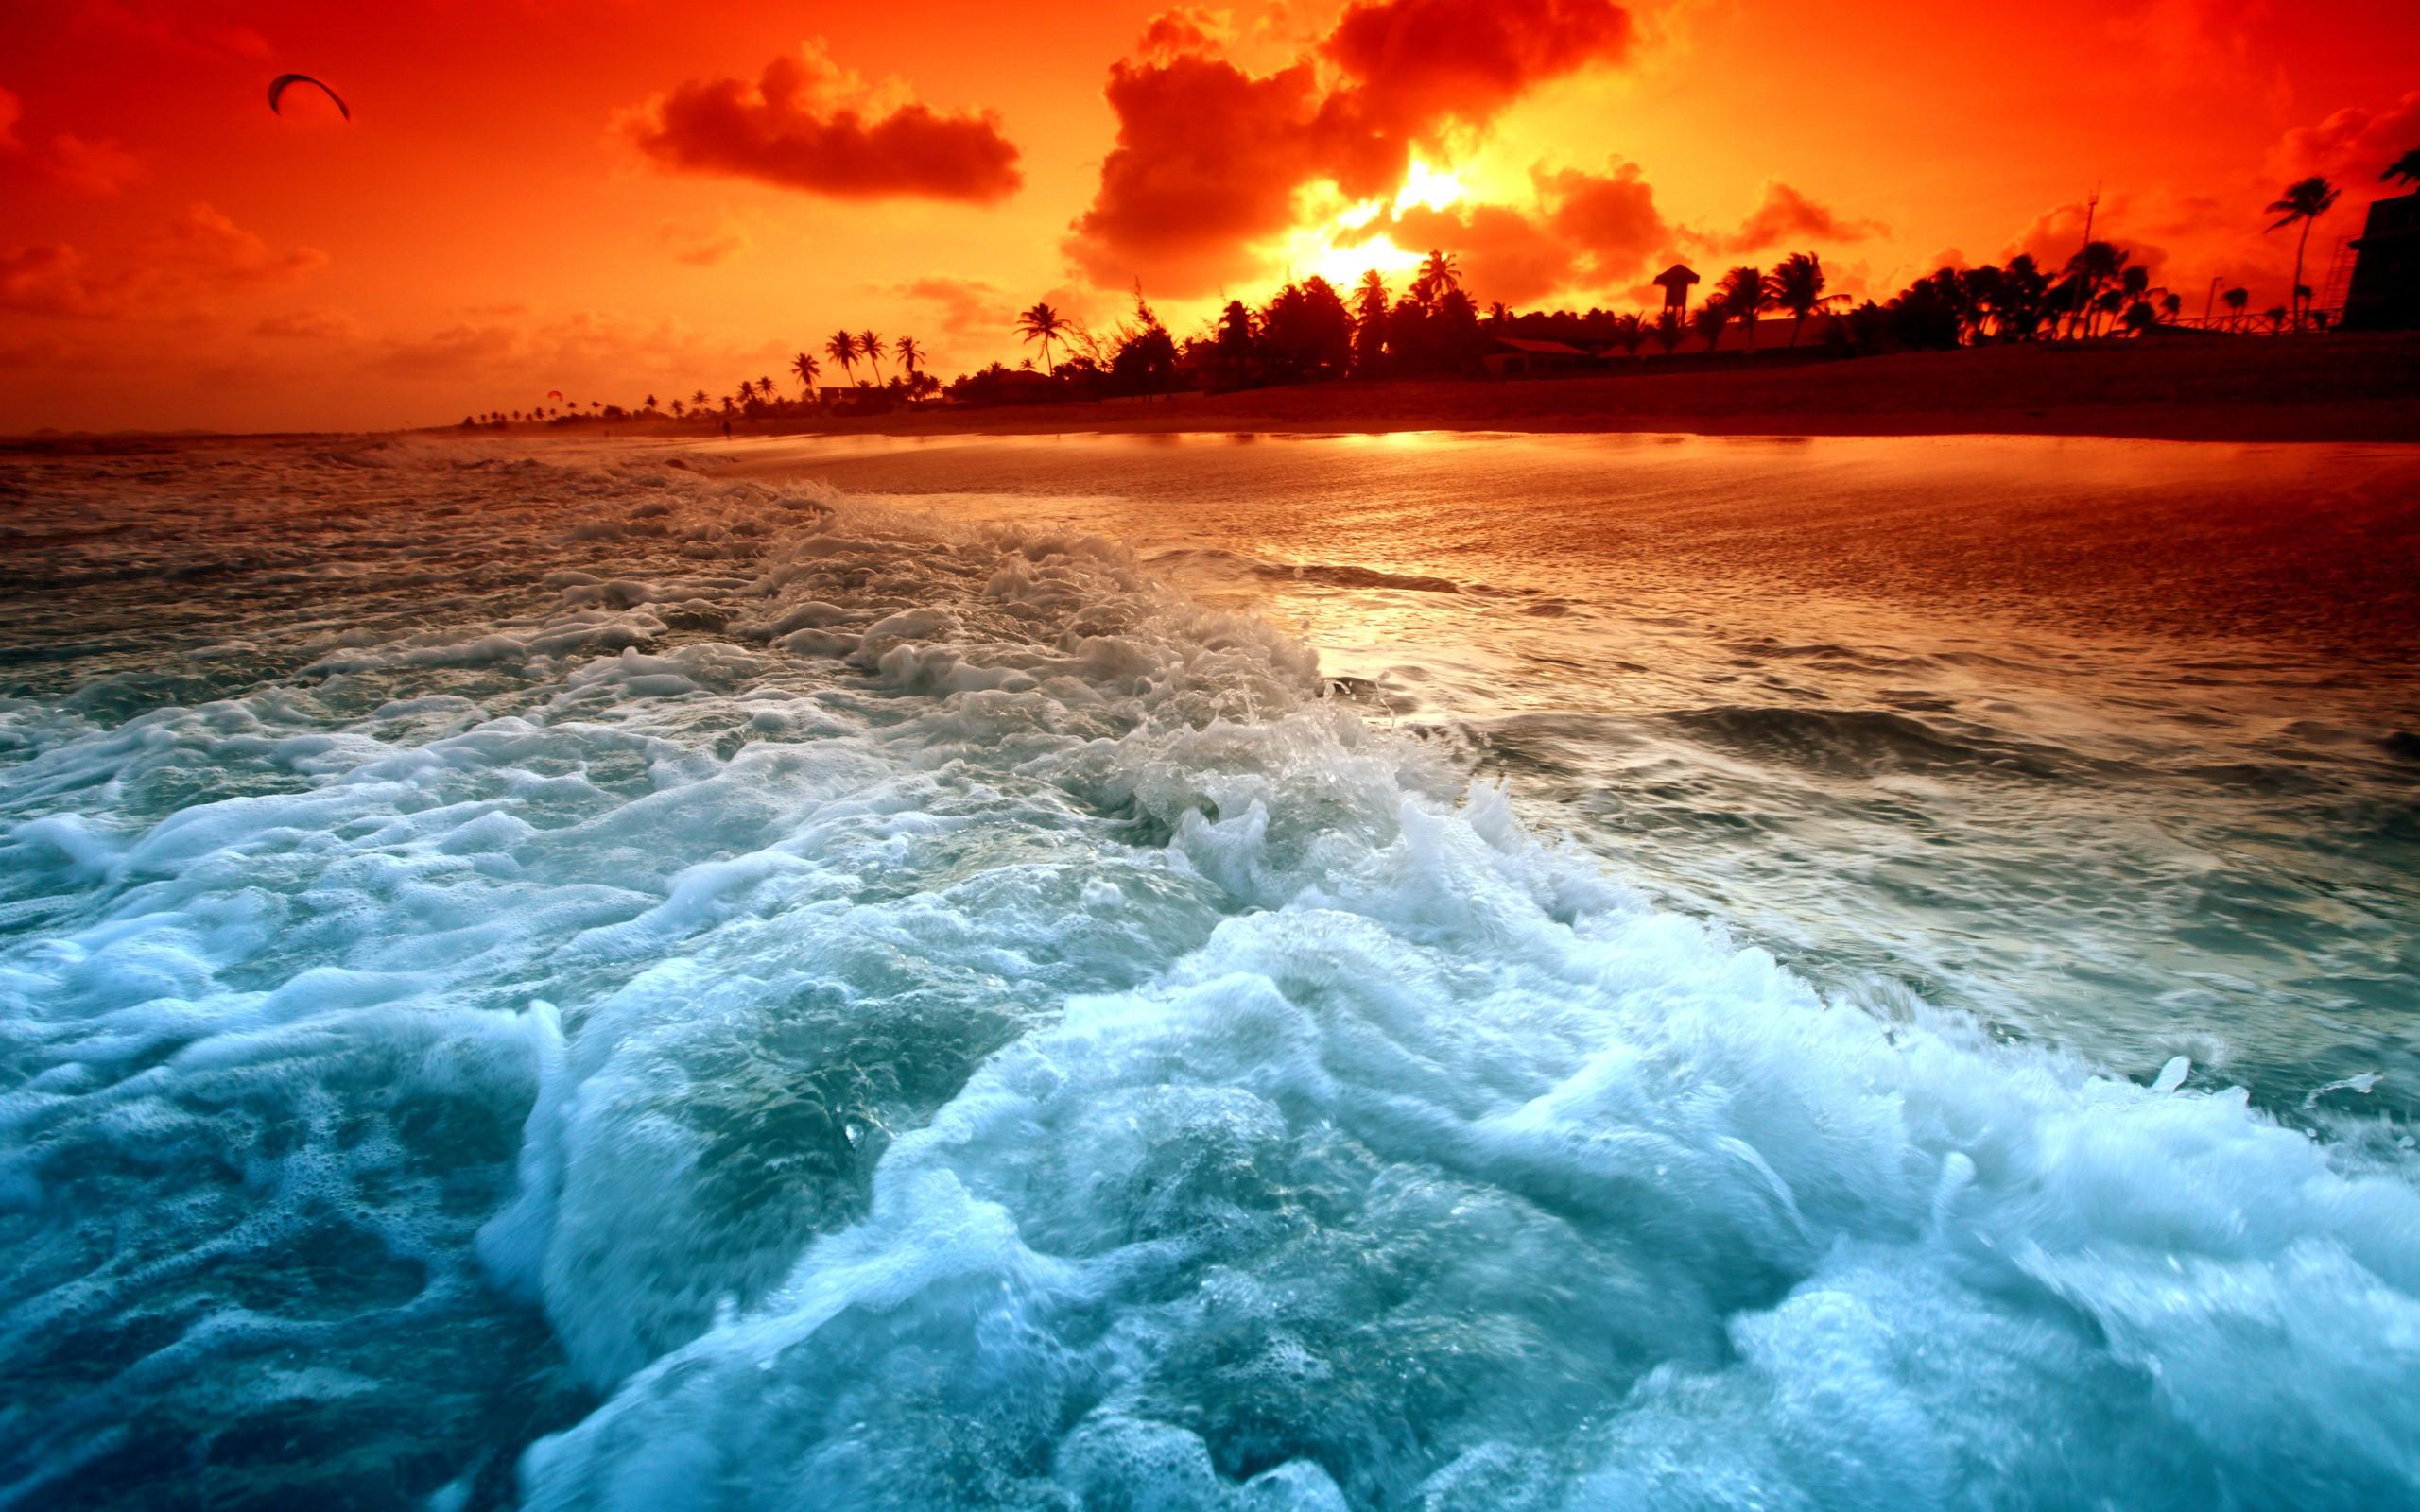 Atardecer en las olas de una playa - 2560x1600